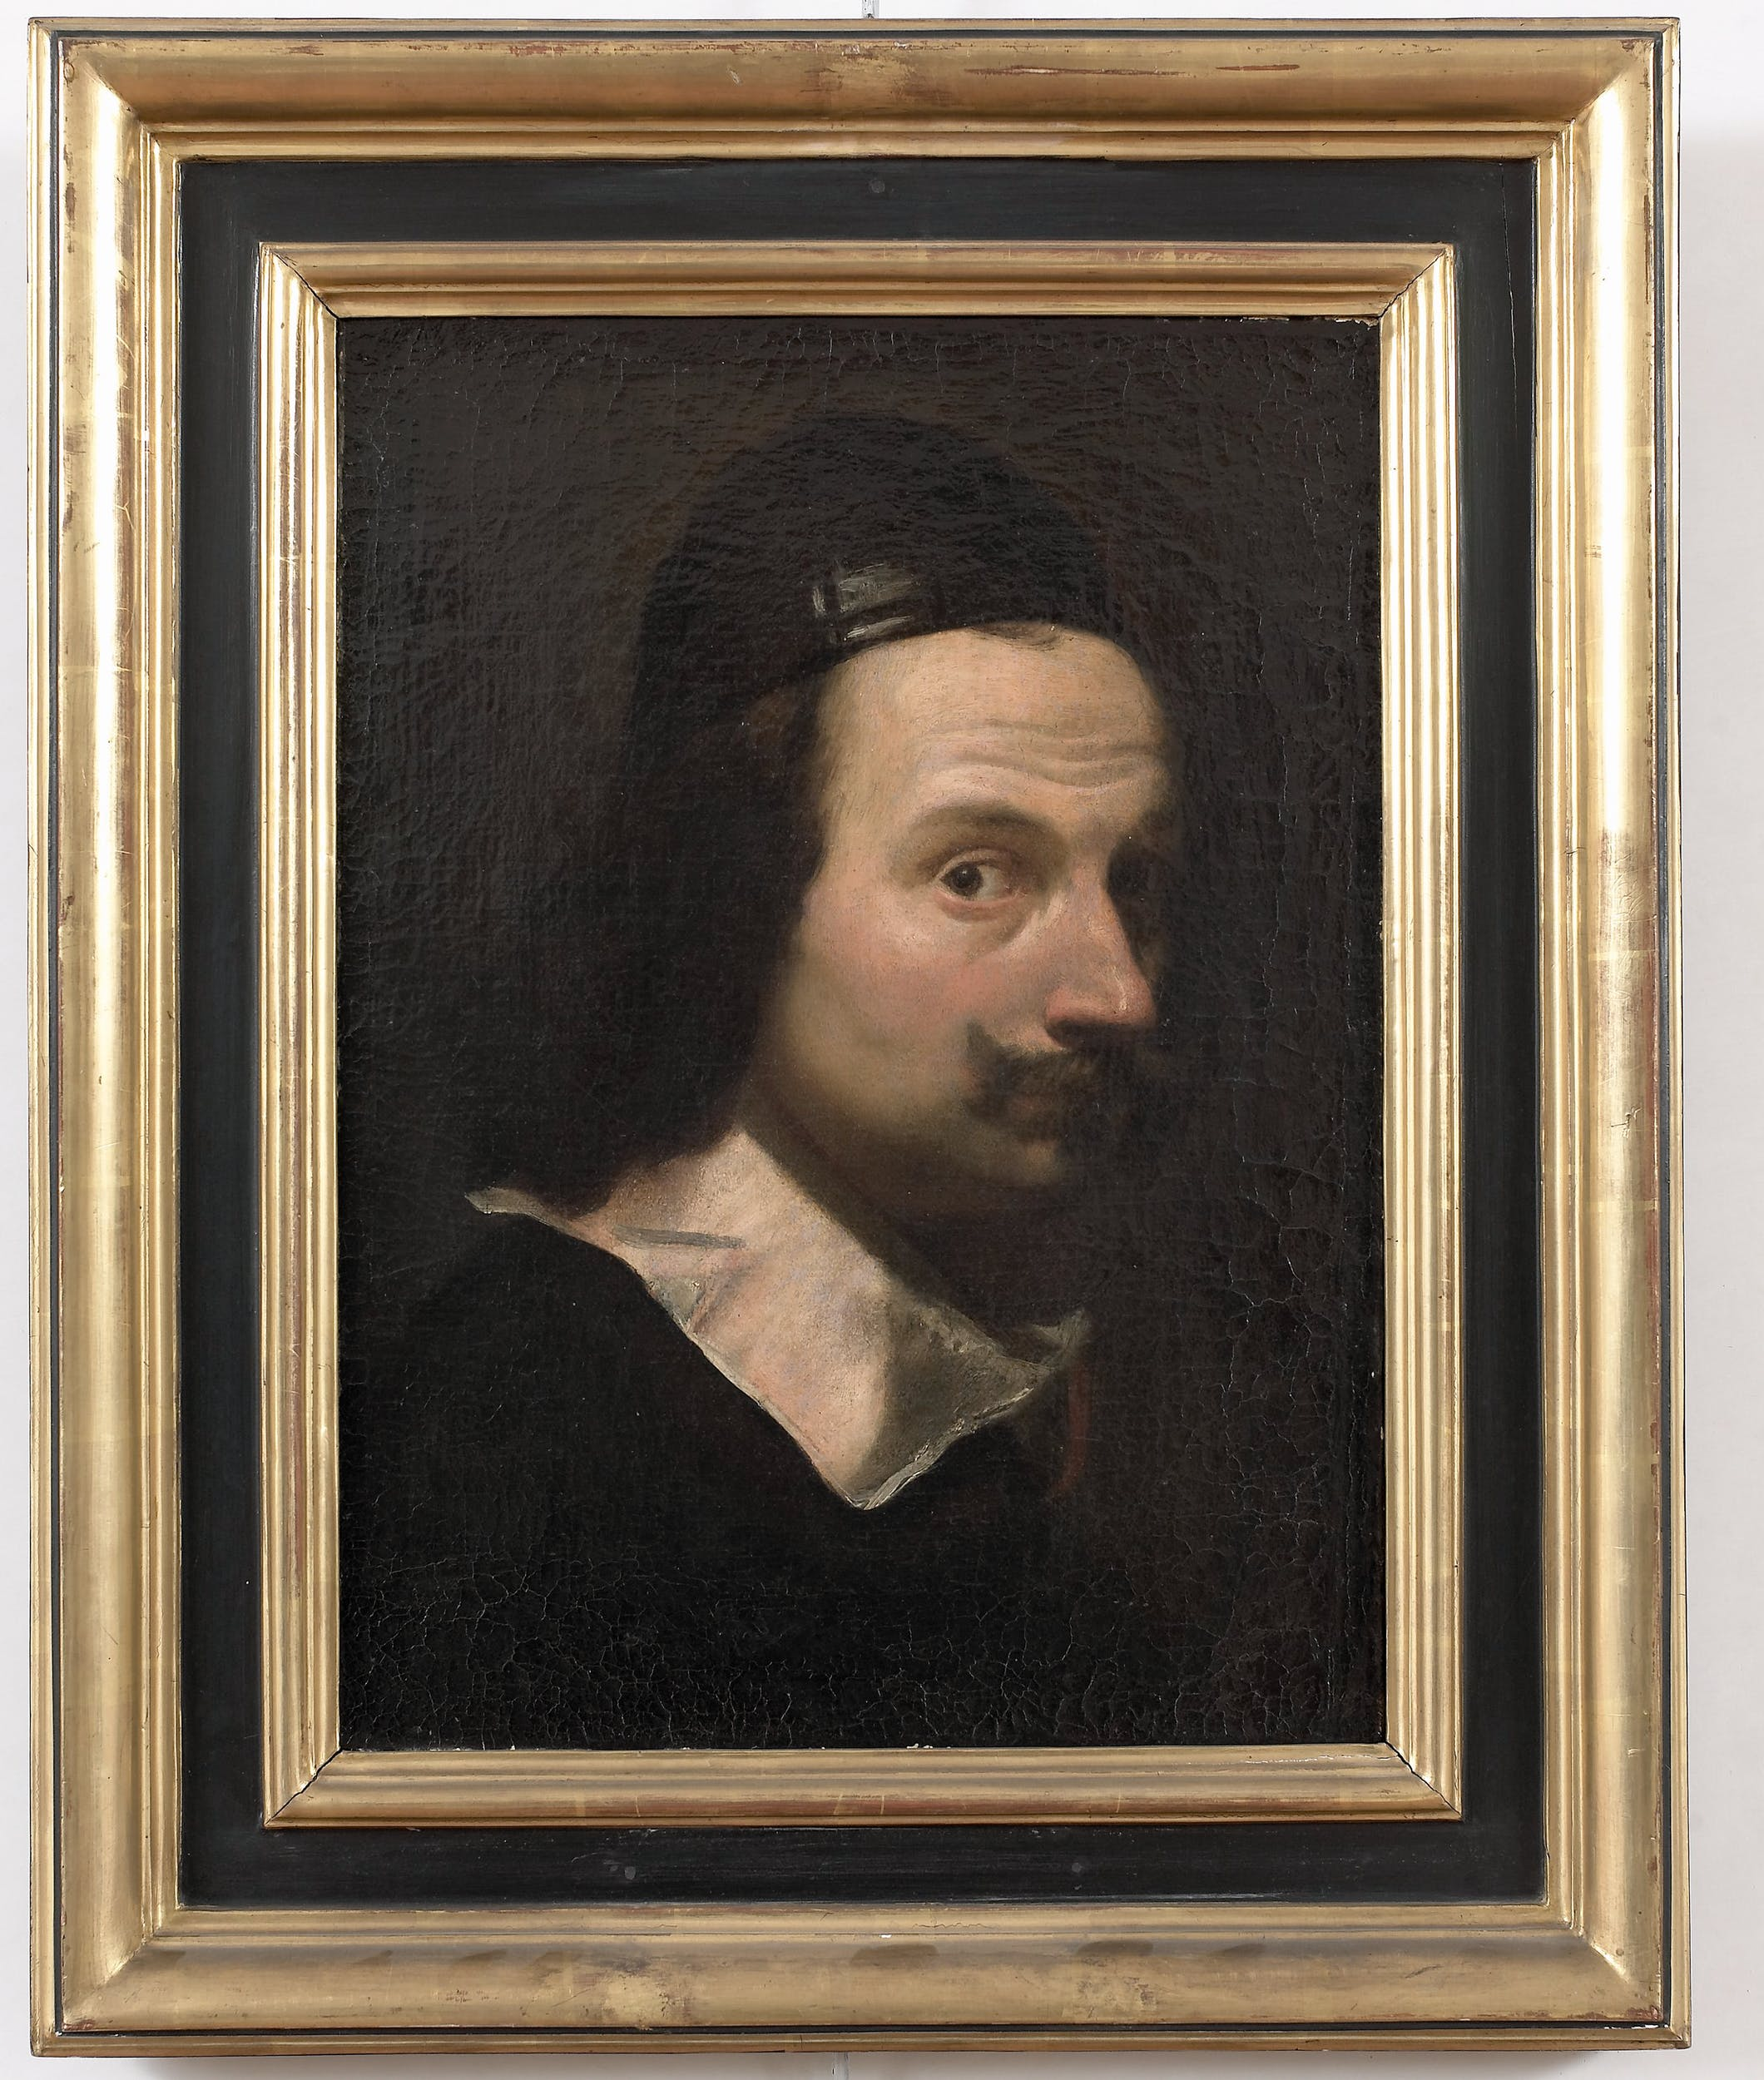 Lorenzo Lippi, Autoritratto, 1650–1660, olio su tela, 49,5 x 36 cm, Firenze, Gallerie degli Uffizi, inv. 1702, n.1890.